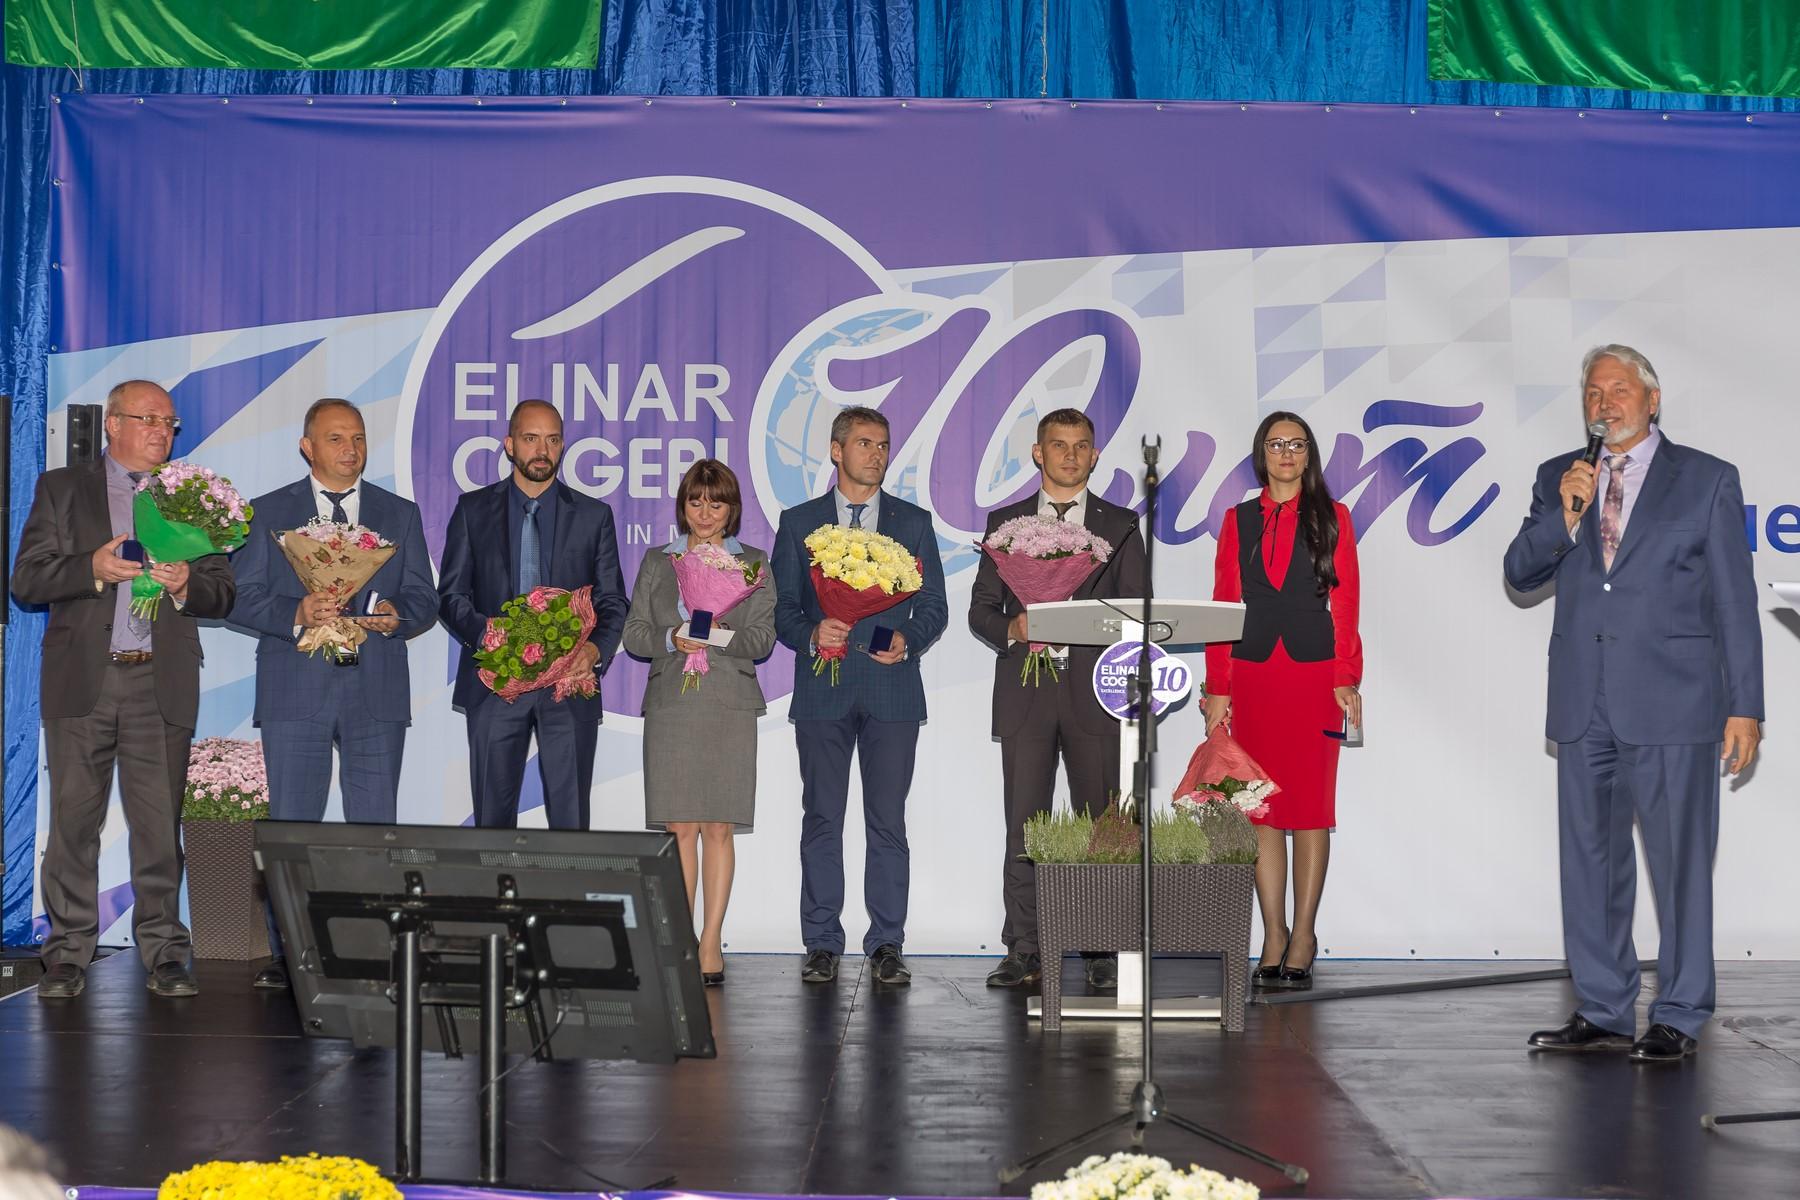 lig-elinar-2017-12